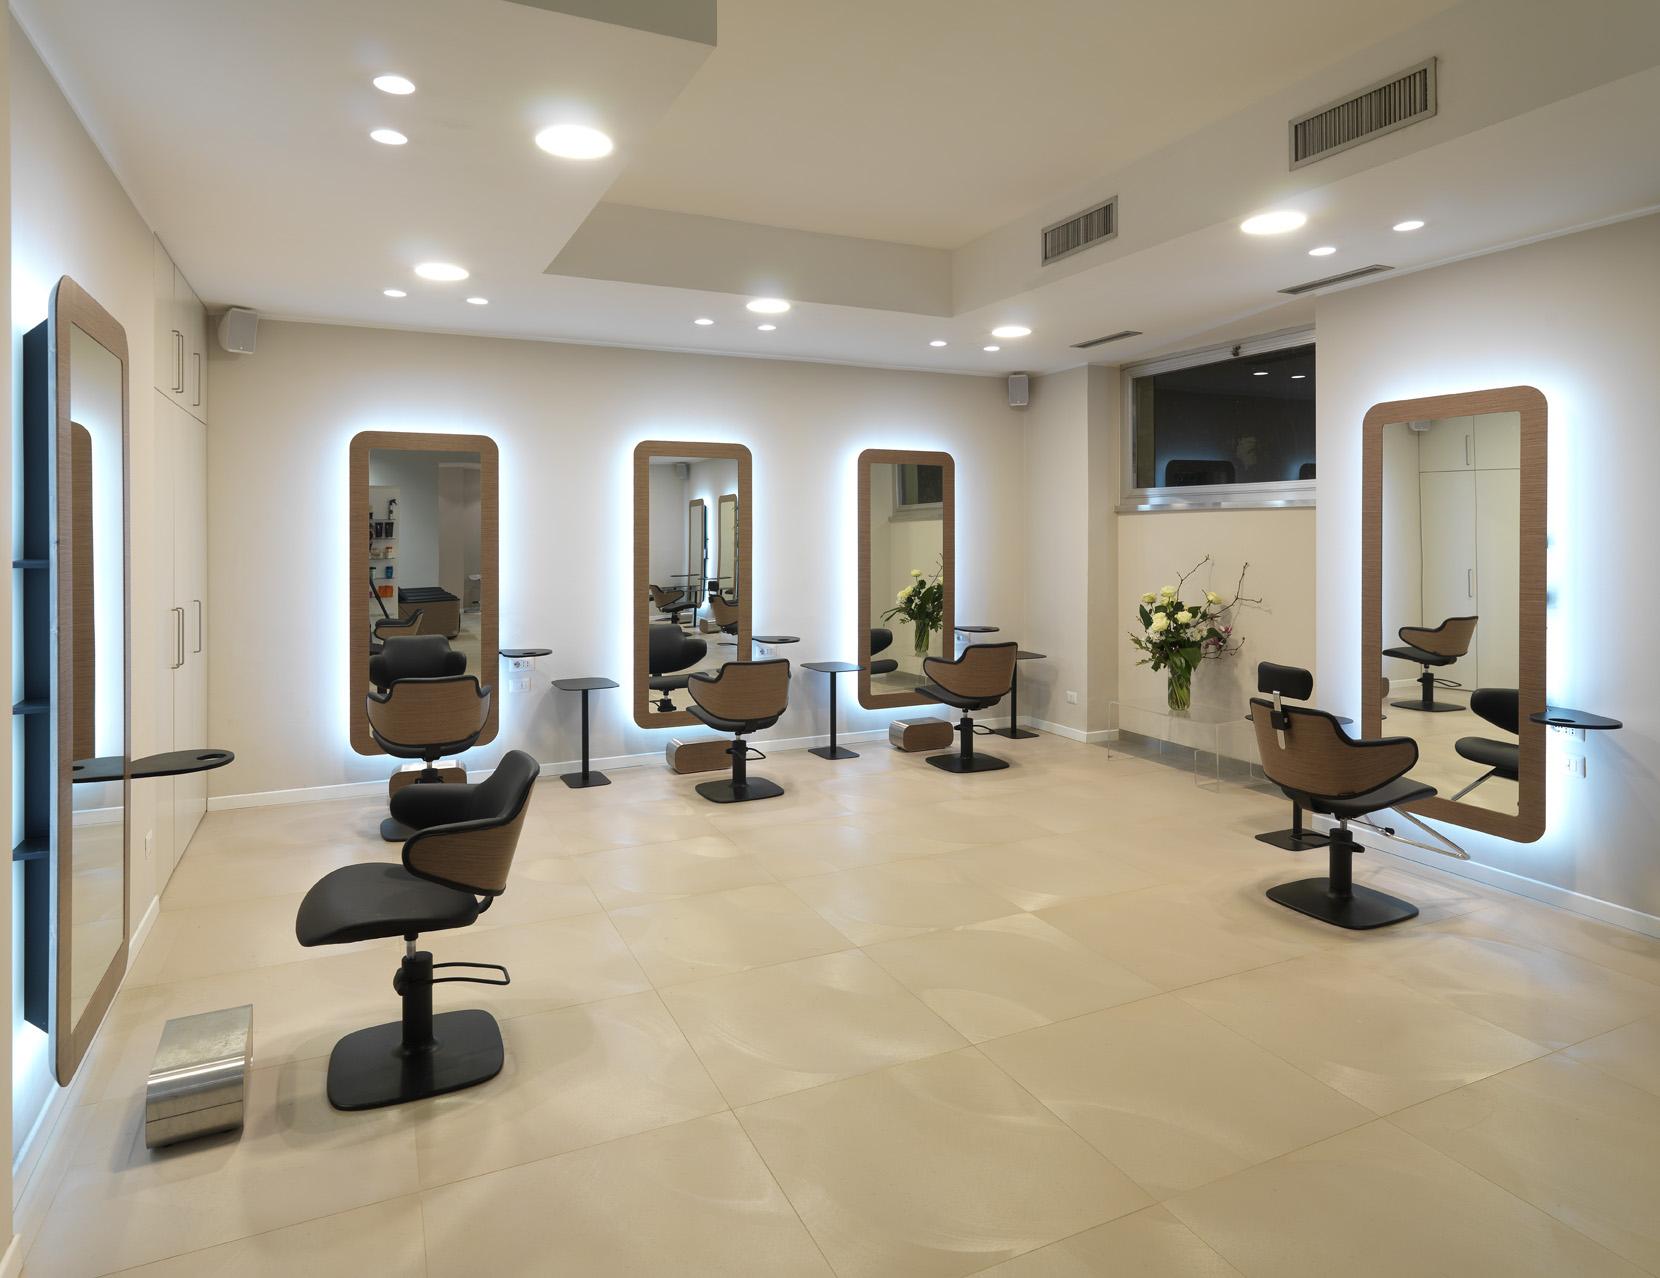 arredamento parrucchieri milano mobili per centro estetico arredamento su misura per